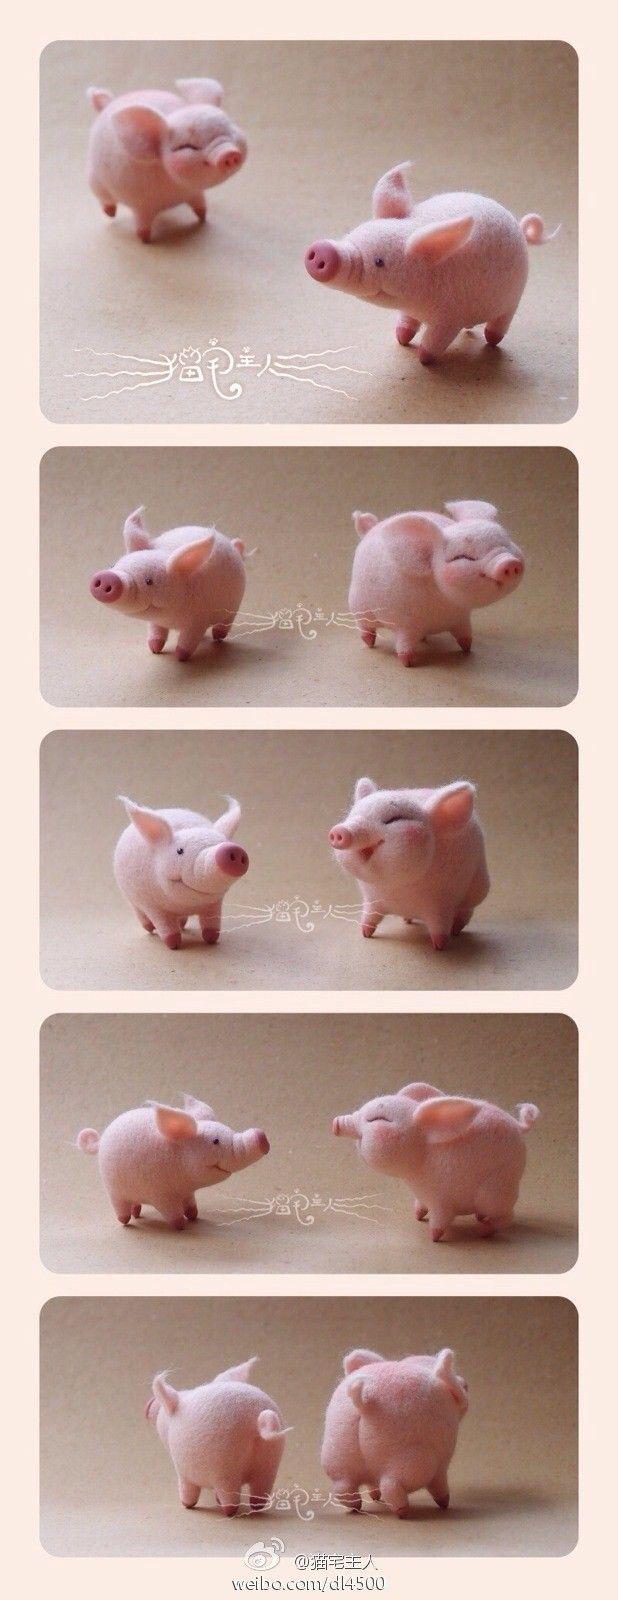 свинка из войлока (валяной шерсти) фото 2